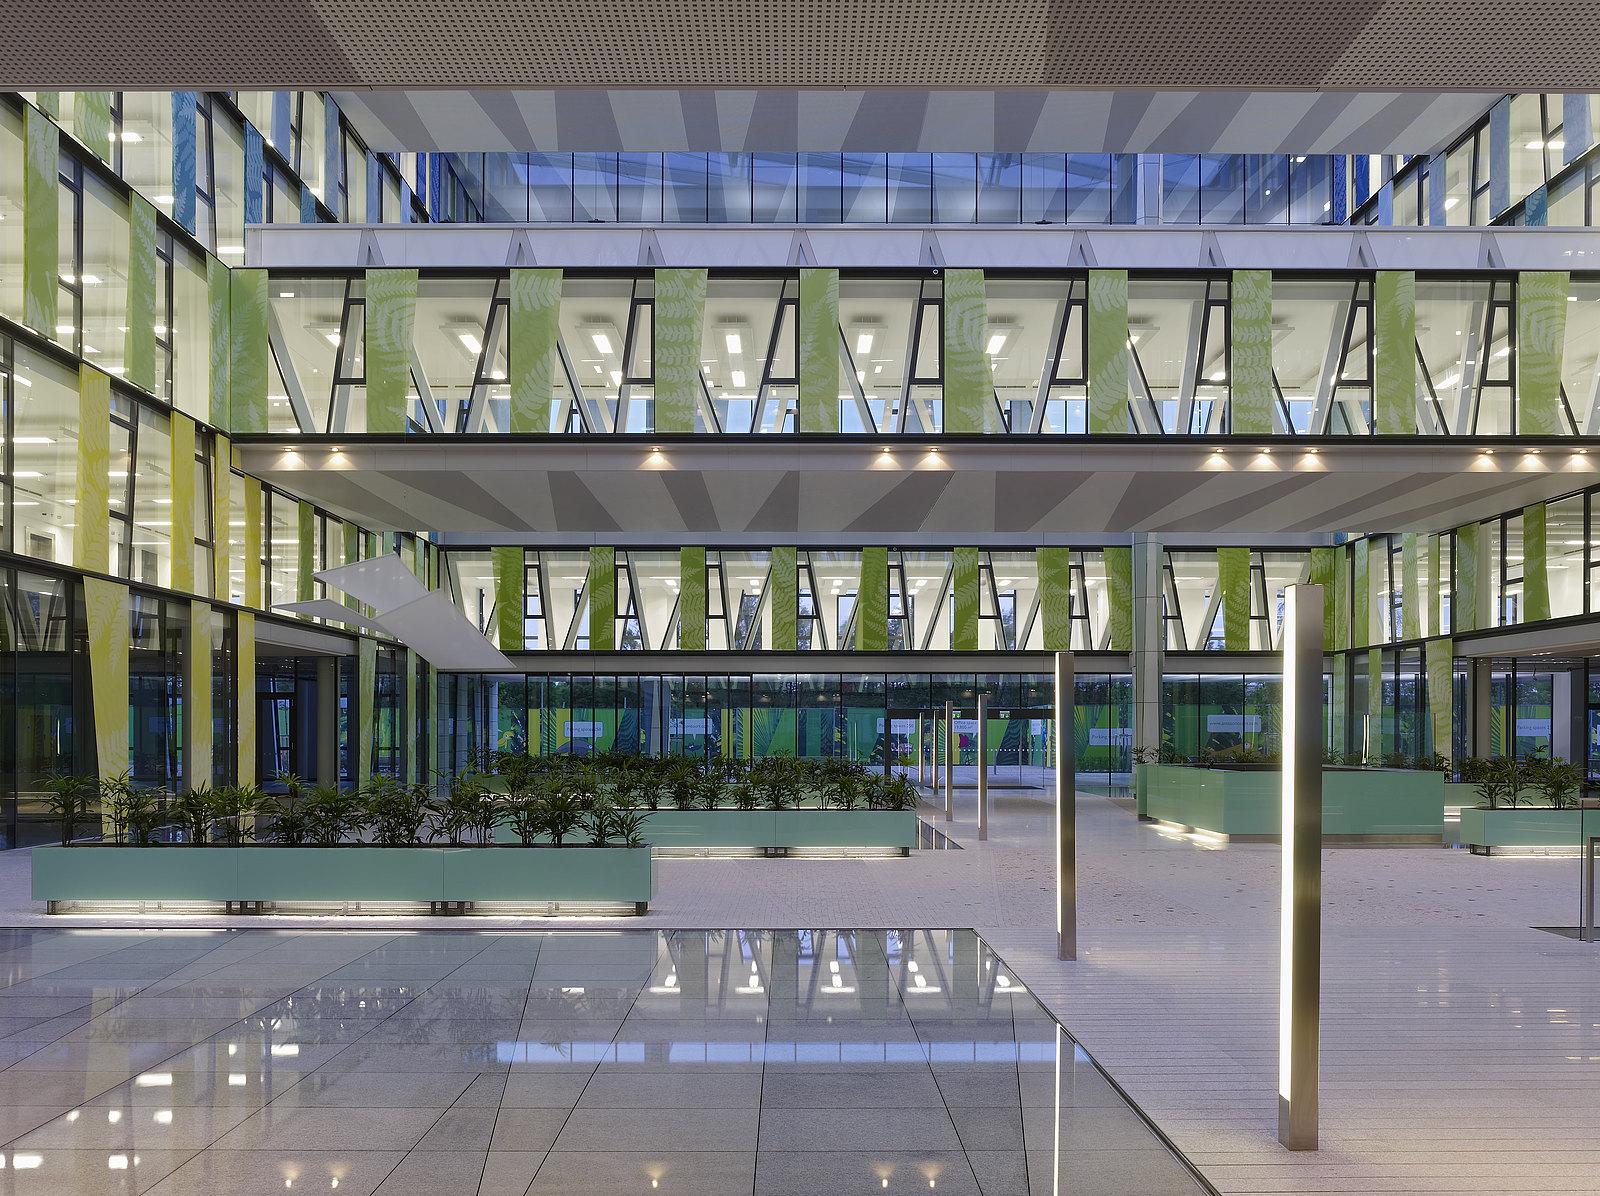 #Anne marie ploug #Amazone Court #Schmidt Hammer Lassen Architects.10.jpg